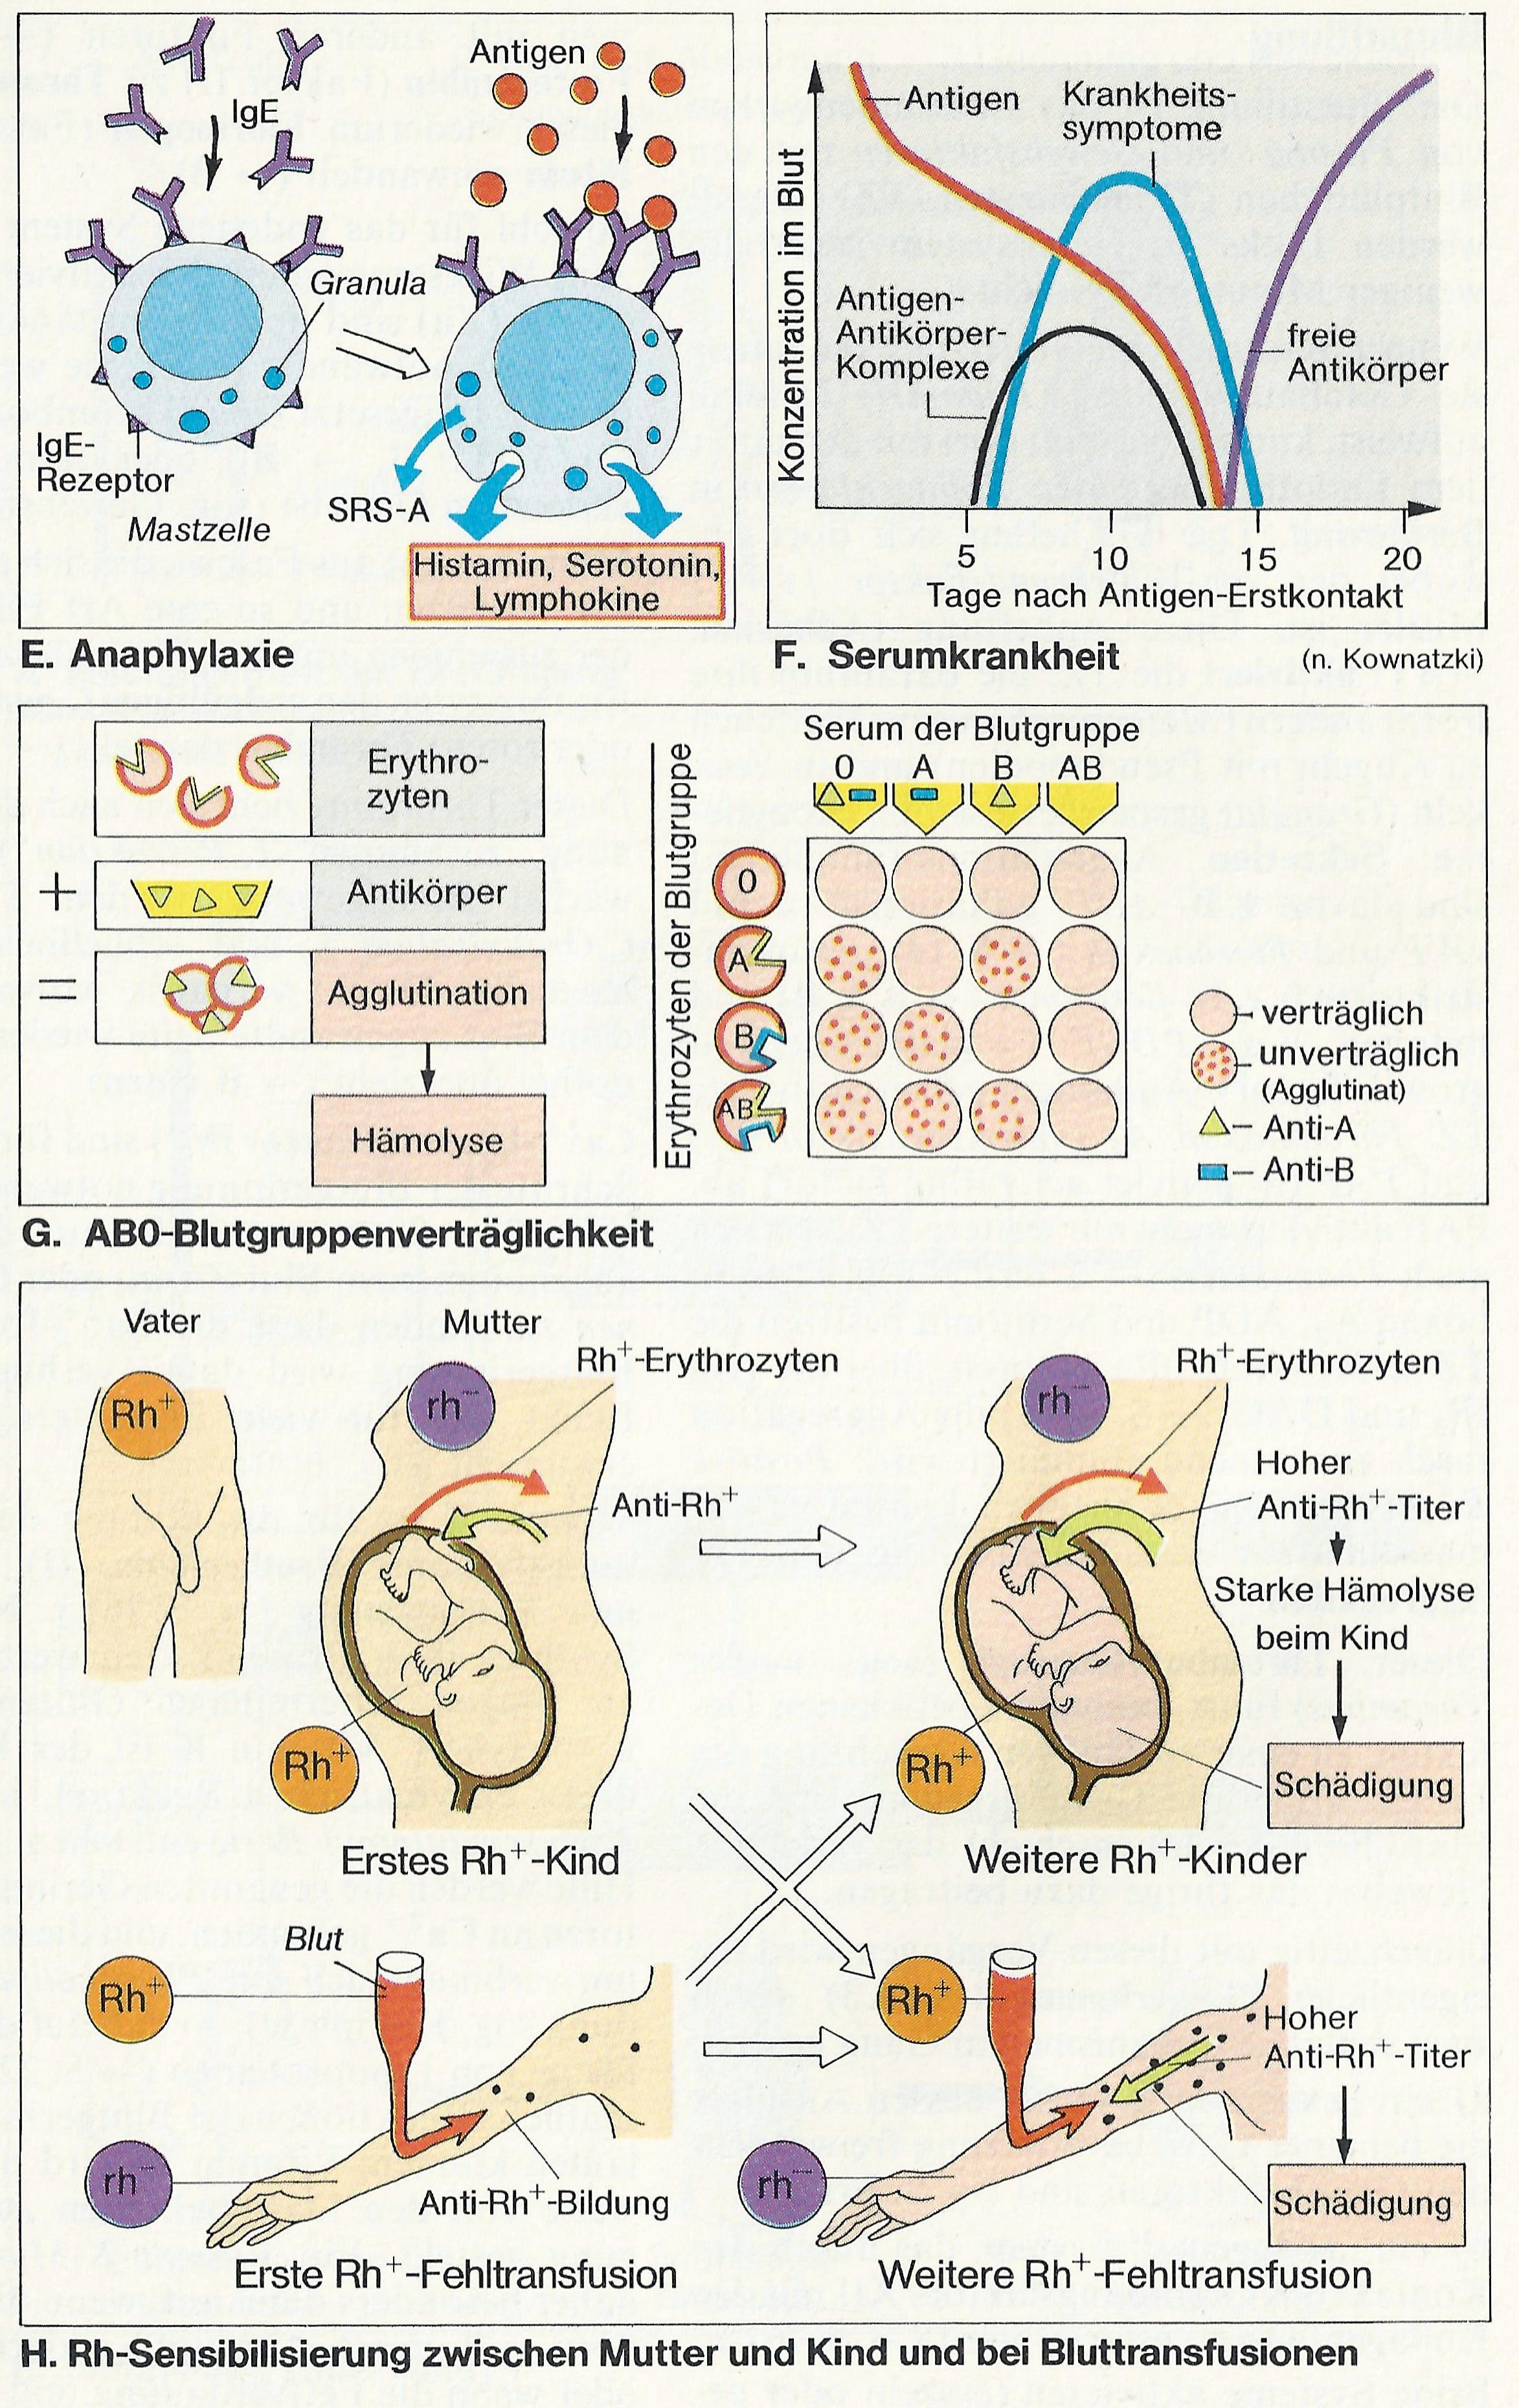 zellarten sind zur phagozytose befähigt